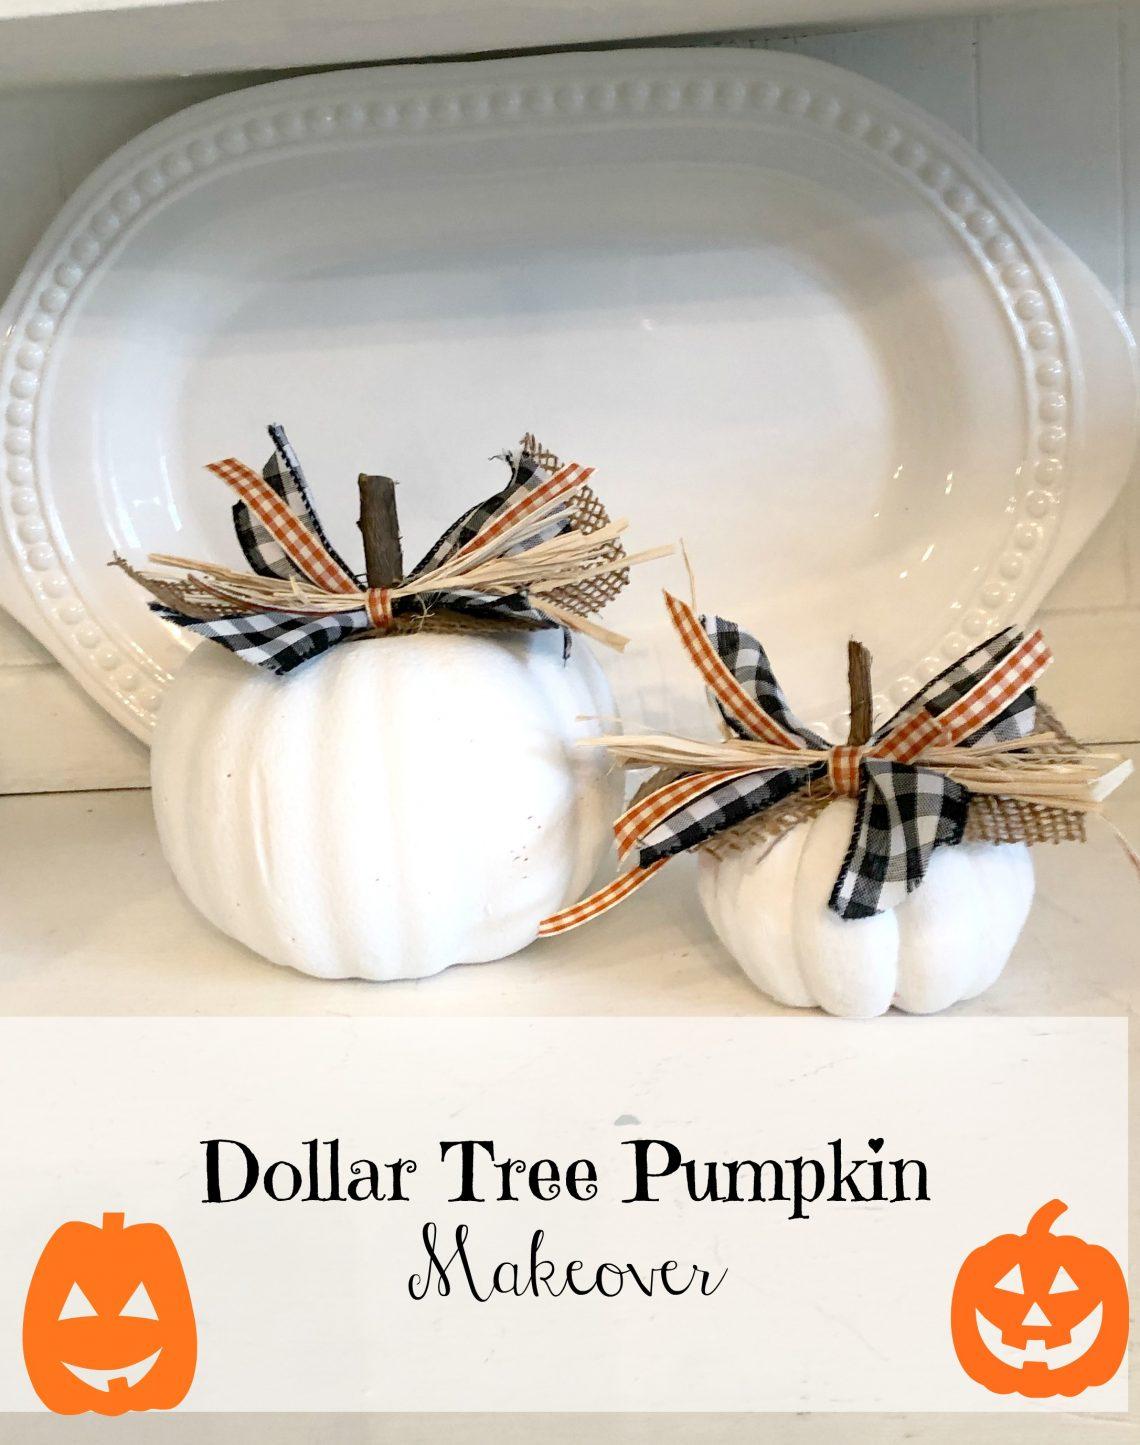 Dollar Tree Pumpkin Makeover